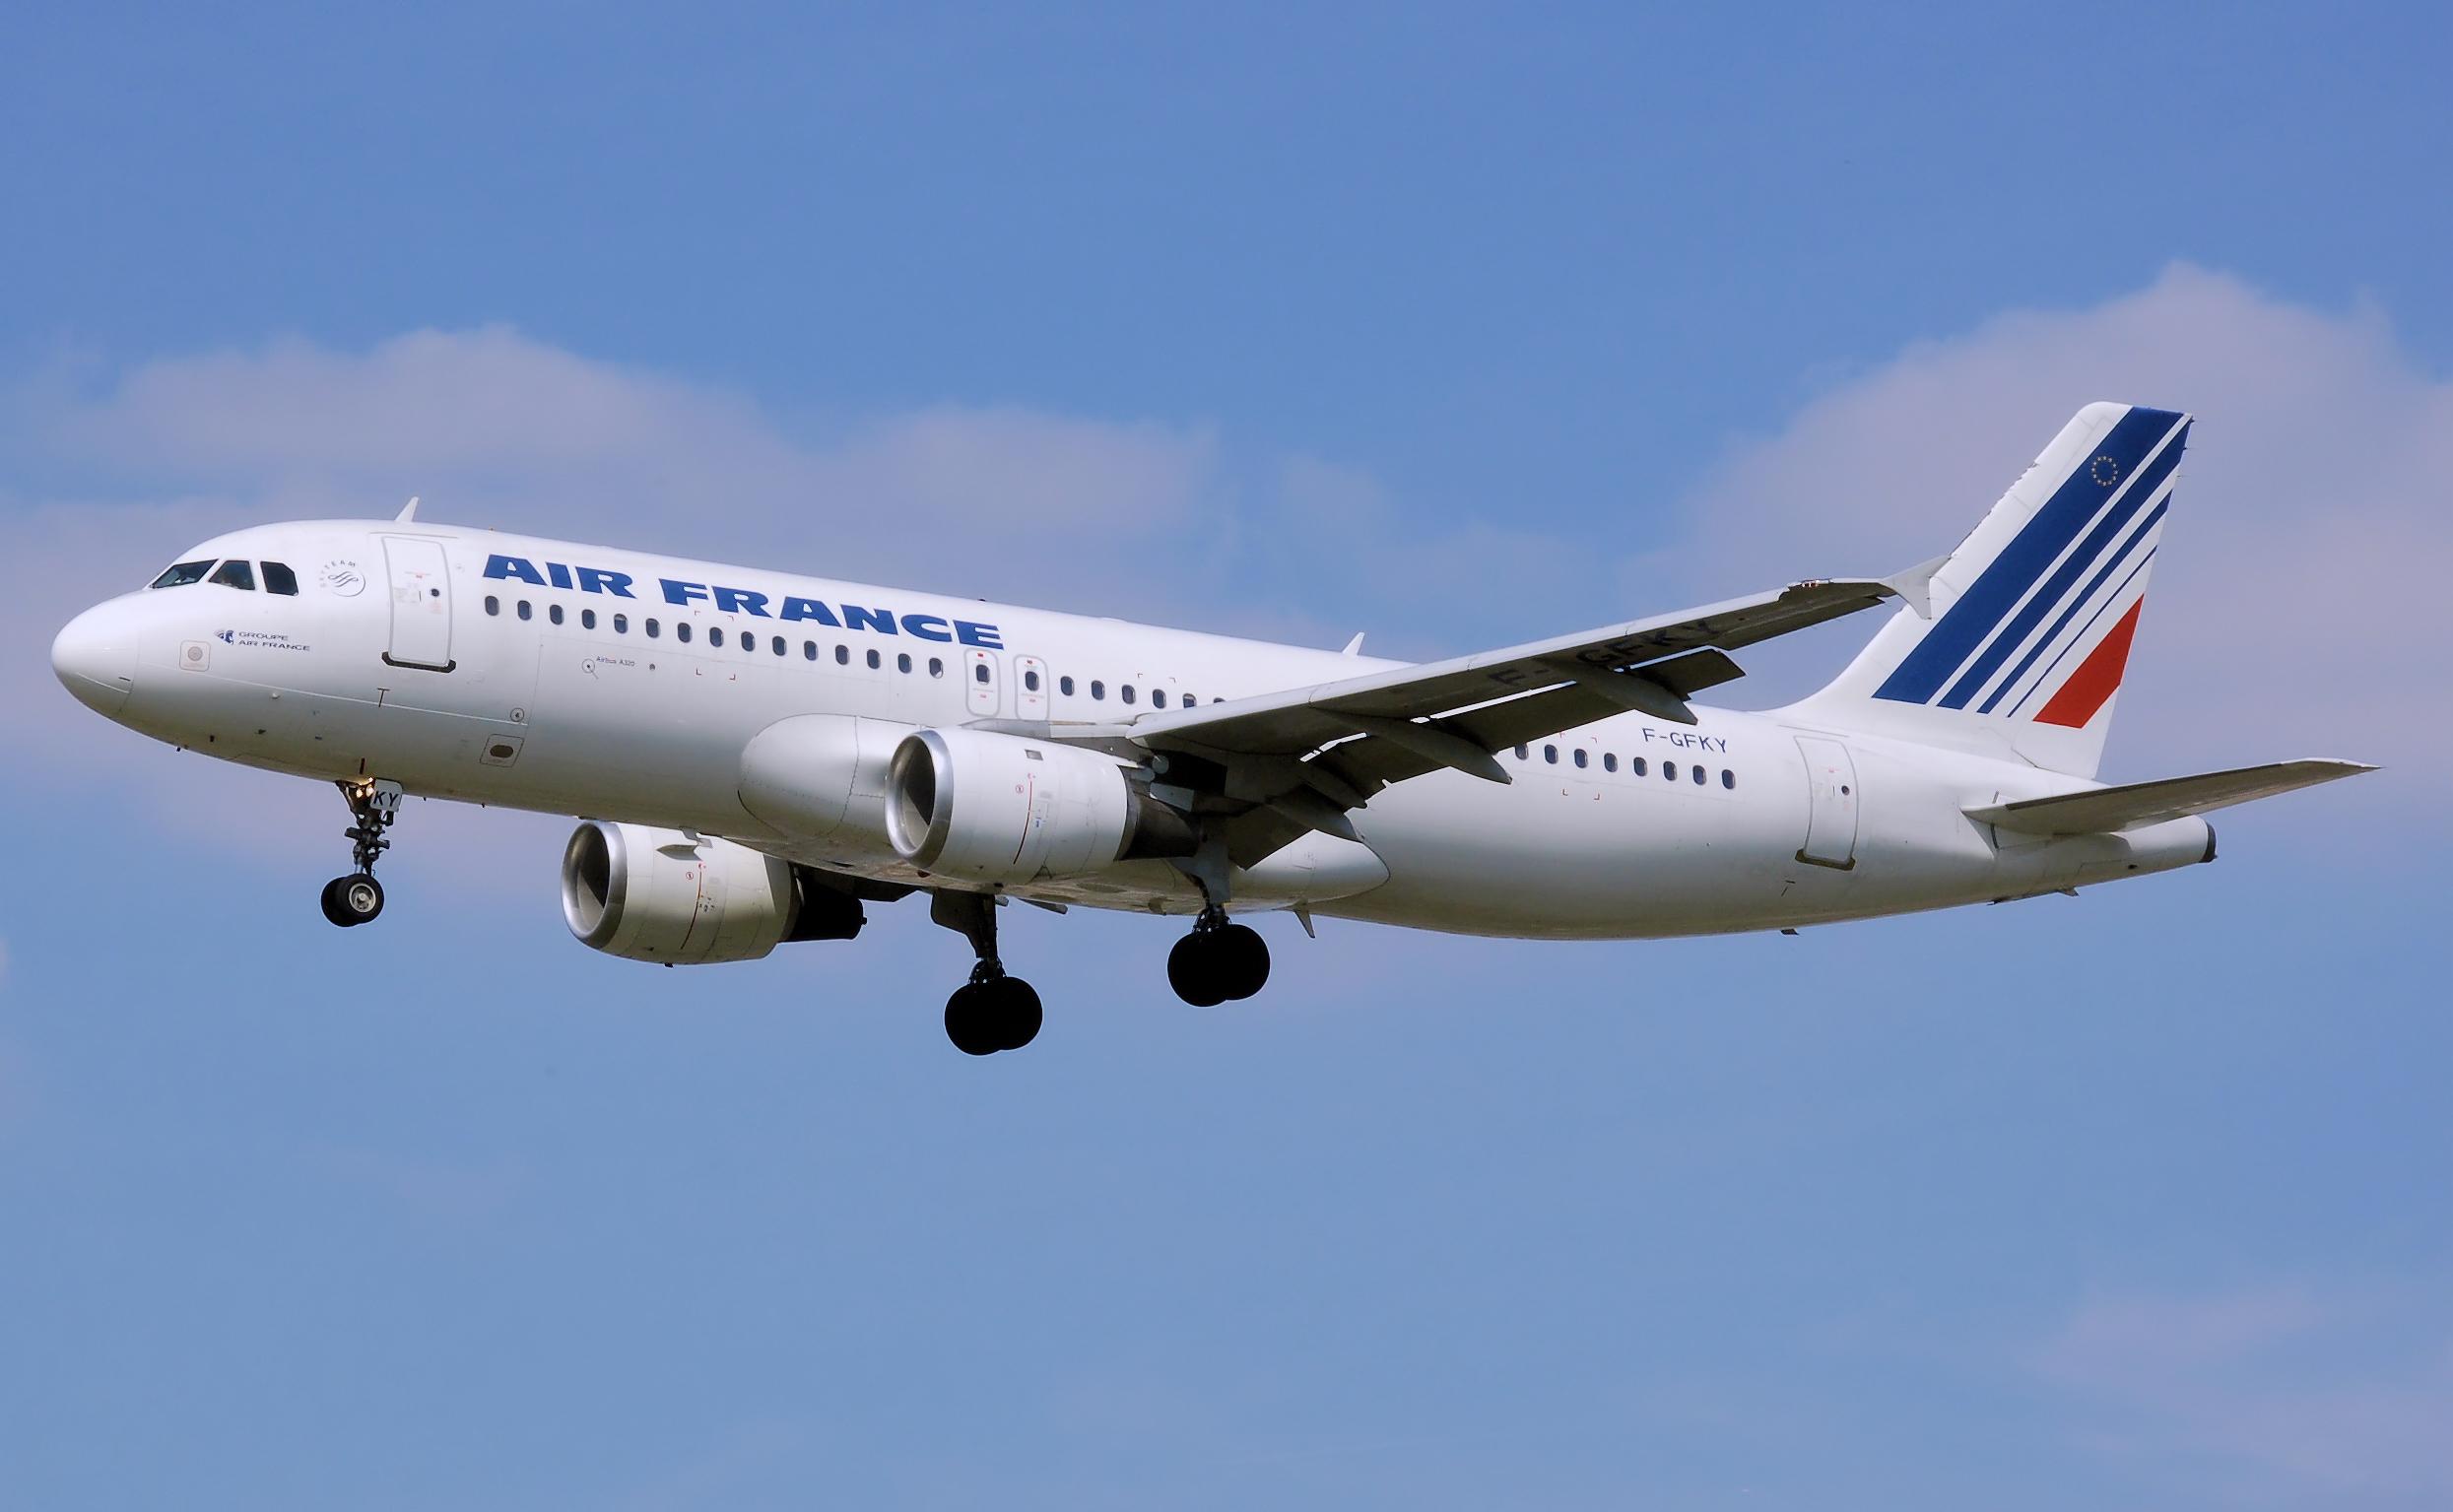 Un vol Air France entre Paris et Nice obligé d'atterrir en urgence ...